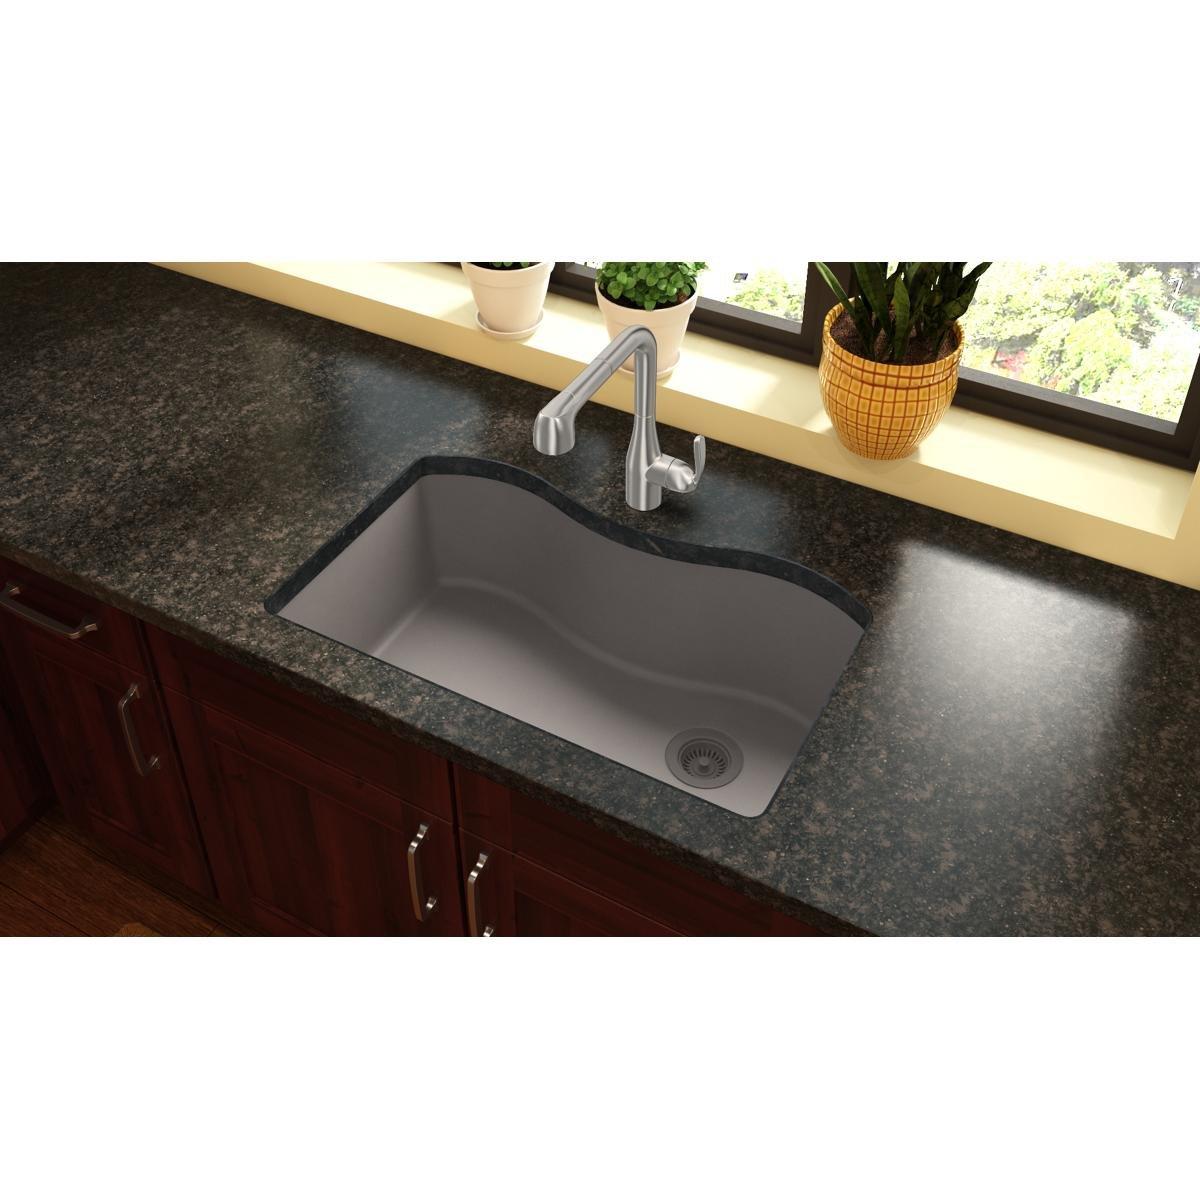 quartz composite sinks review